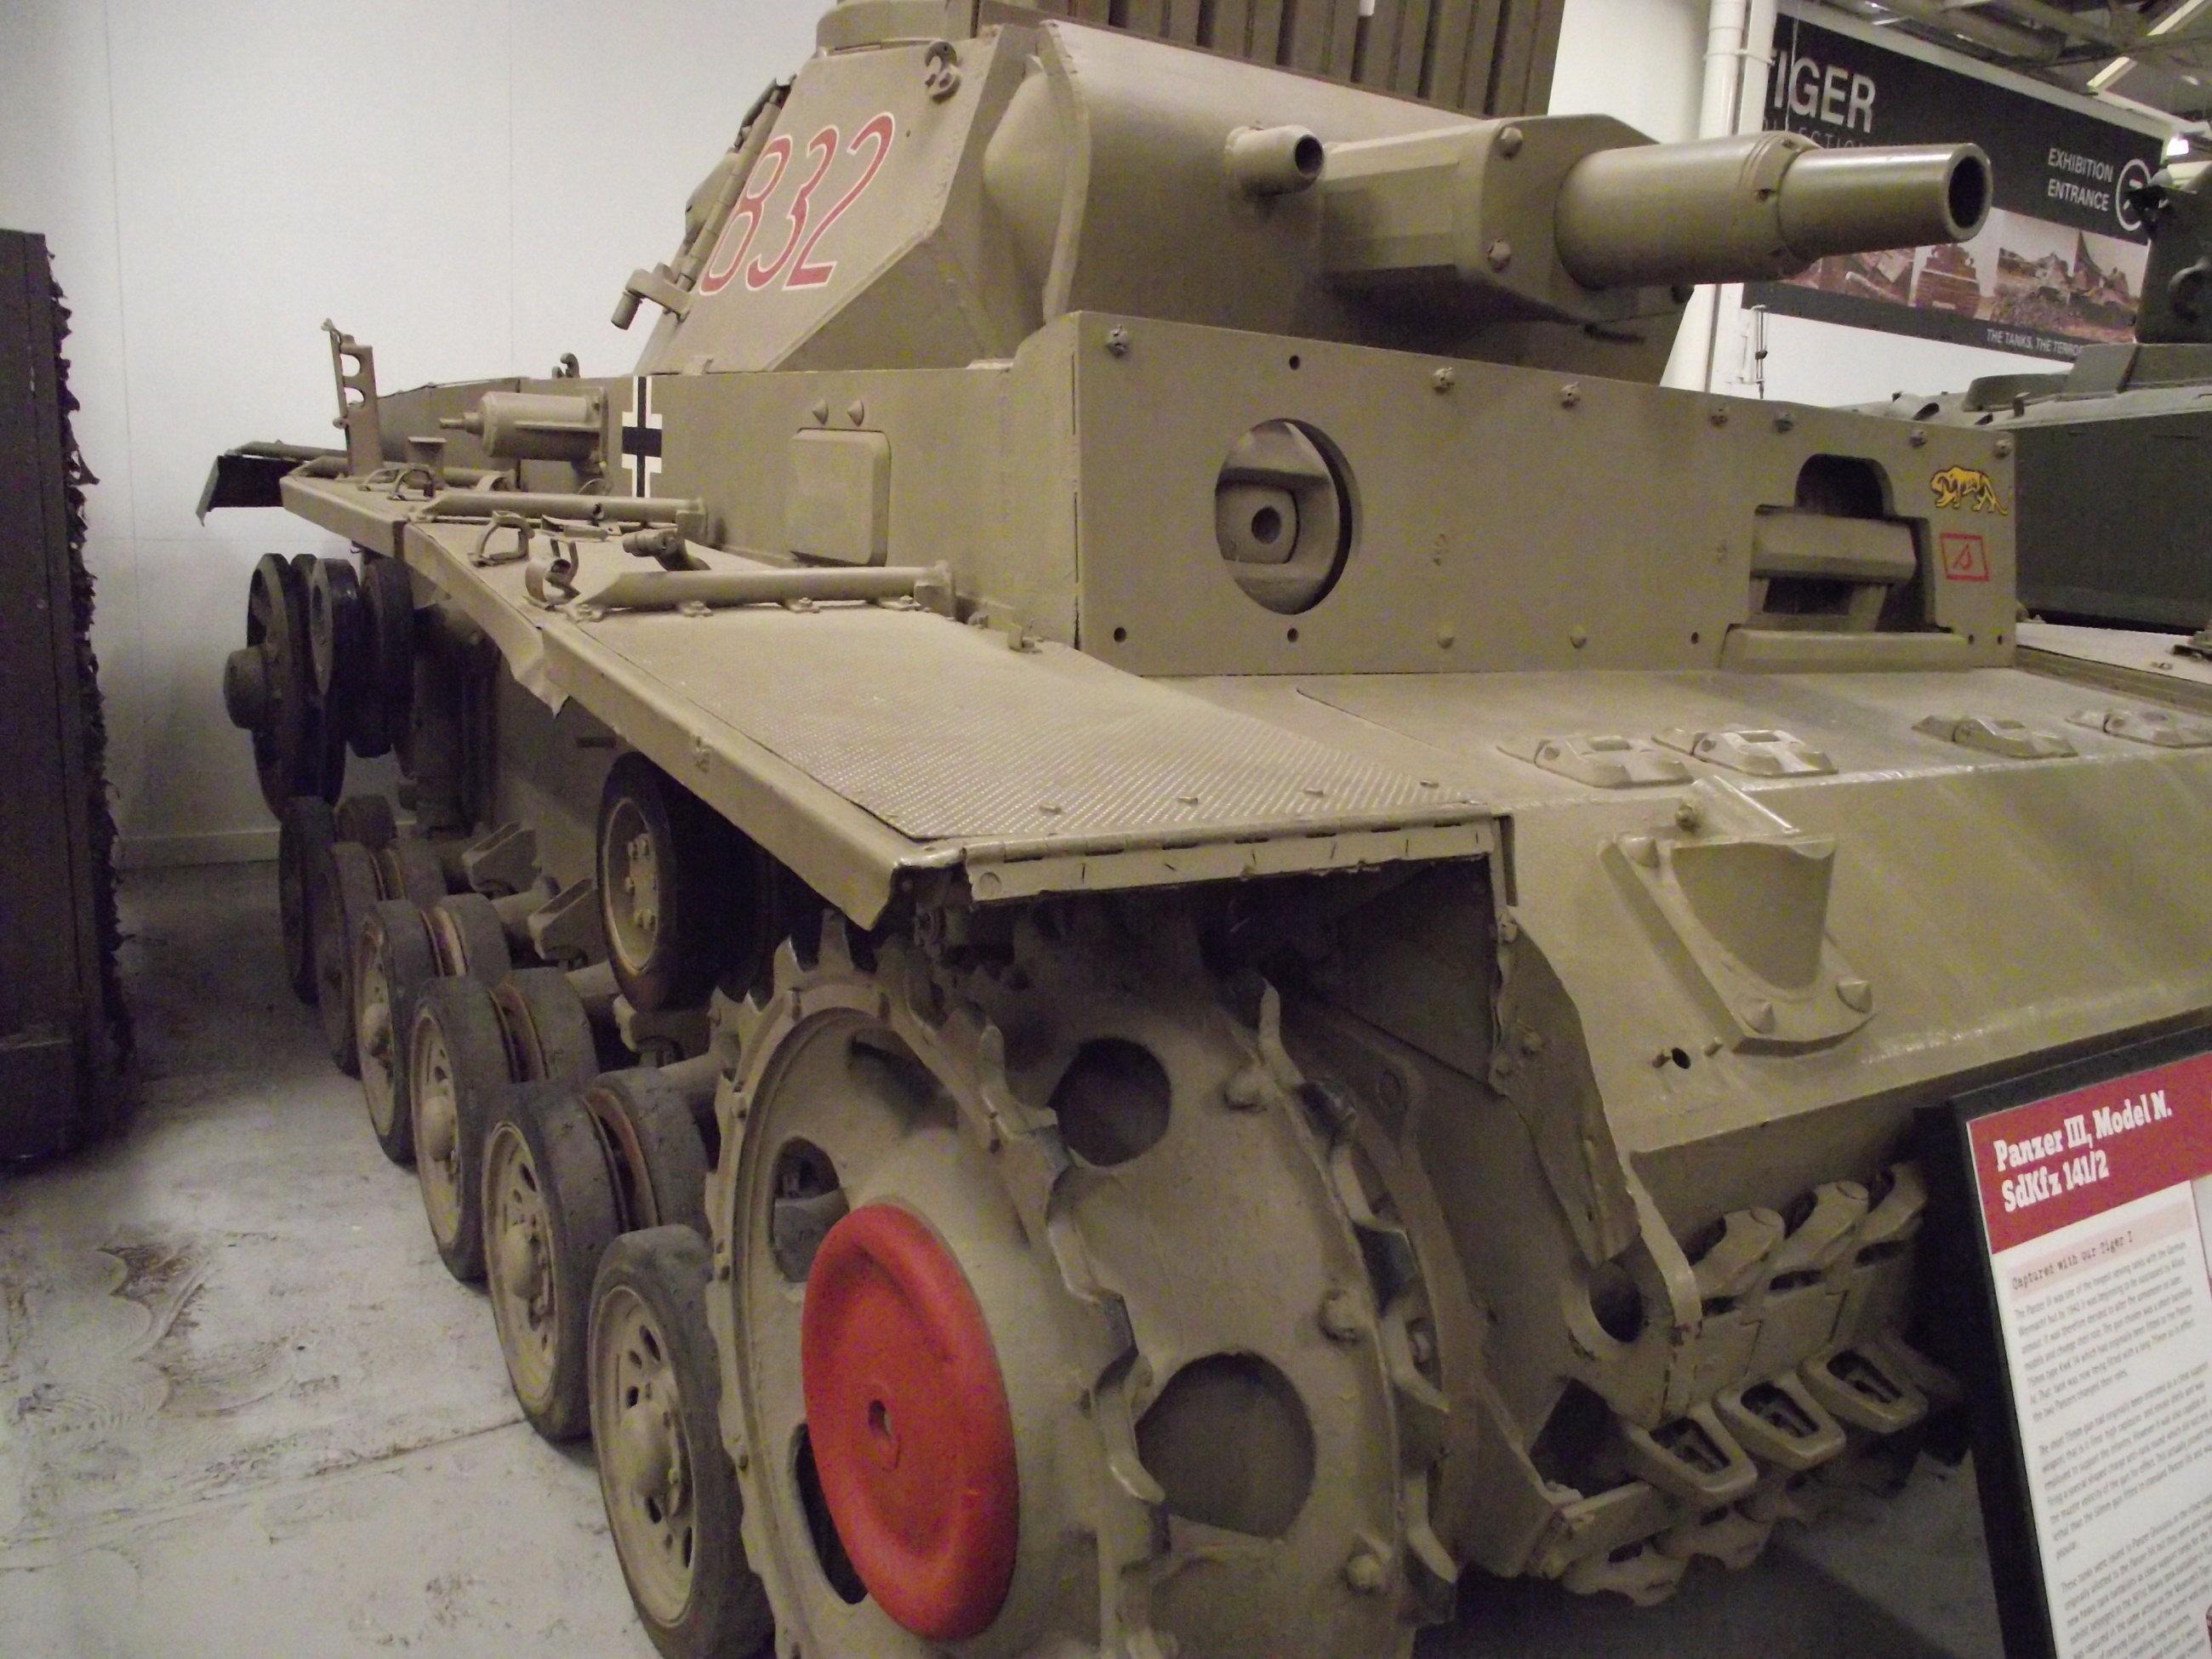 Tank_Museum_20180919_015.jpg